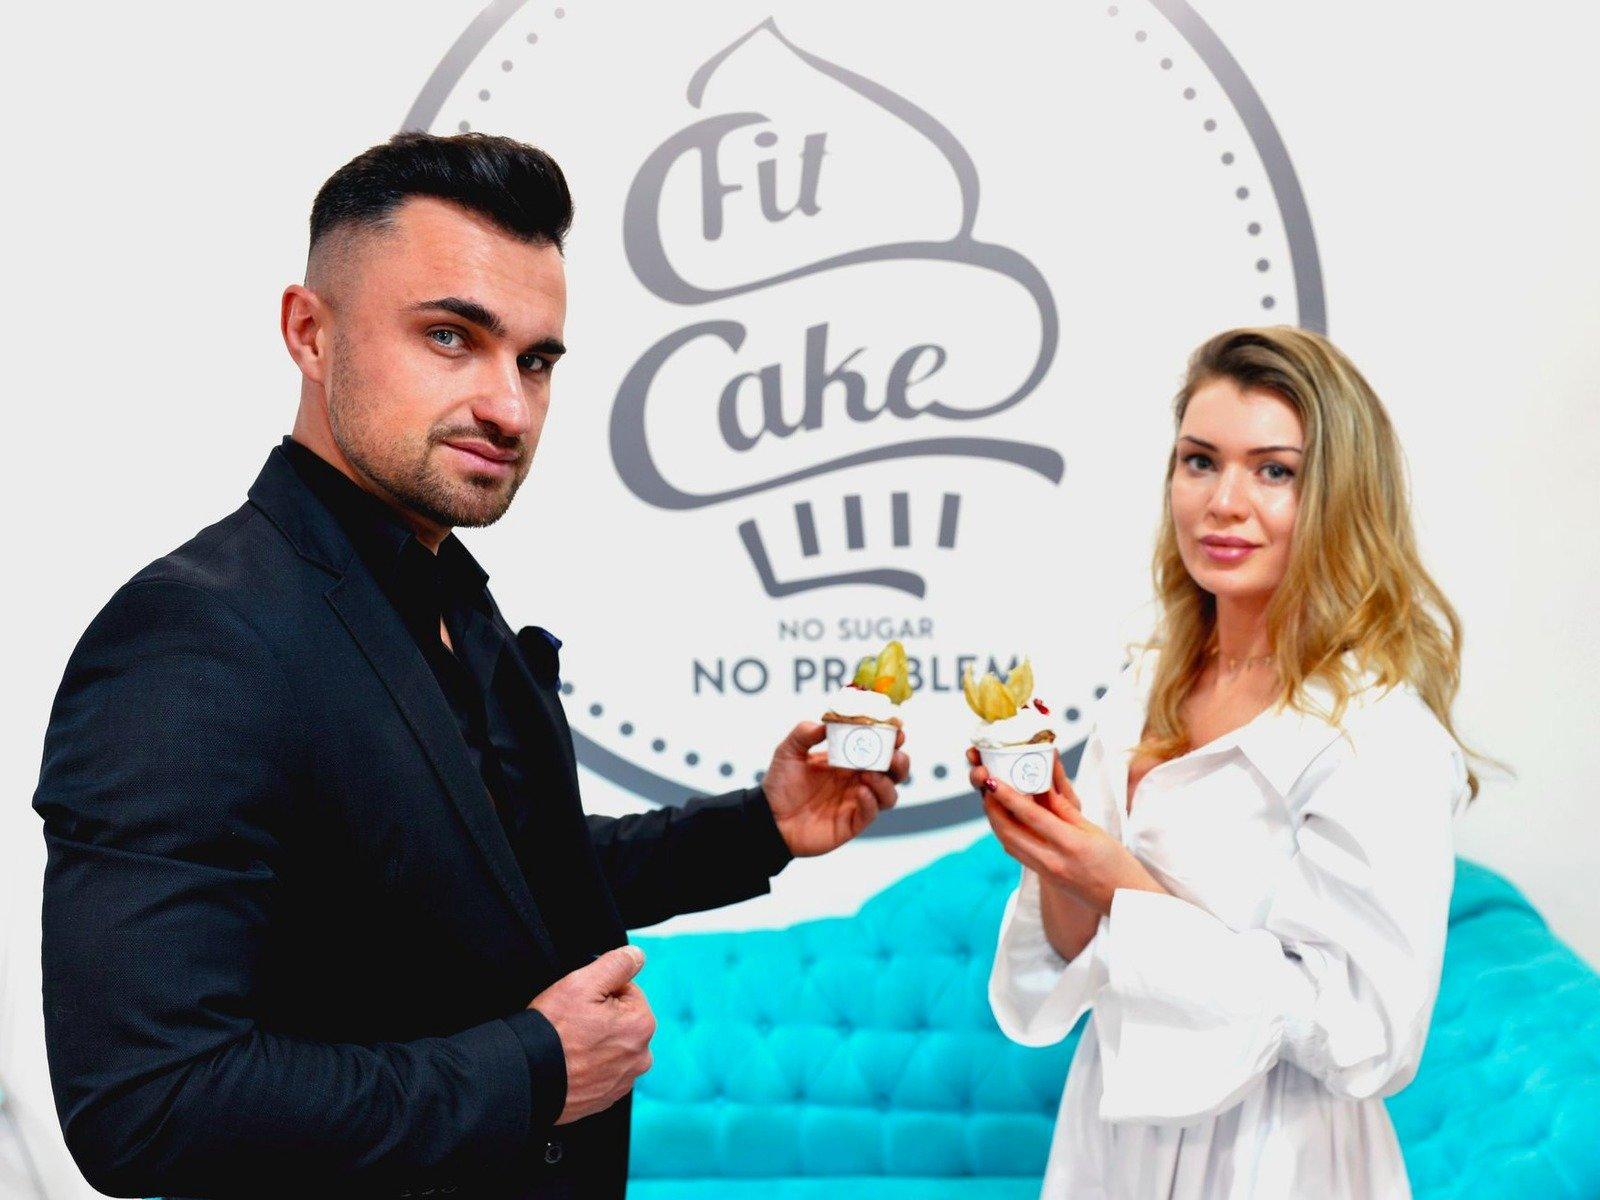 Rafał i Ewelina Kościukowie, twórcy konceptu Fit Cake